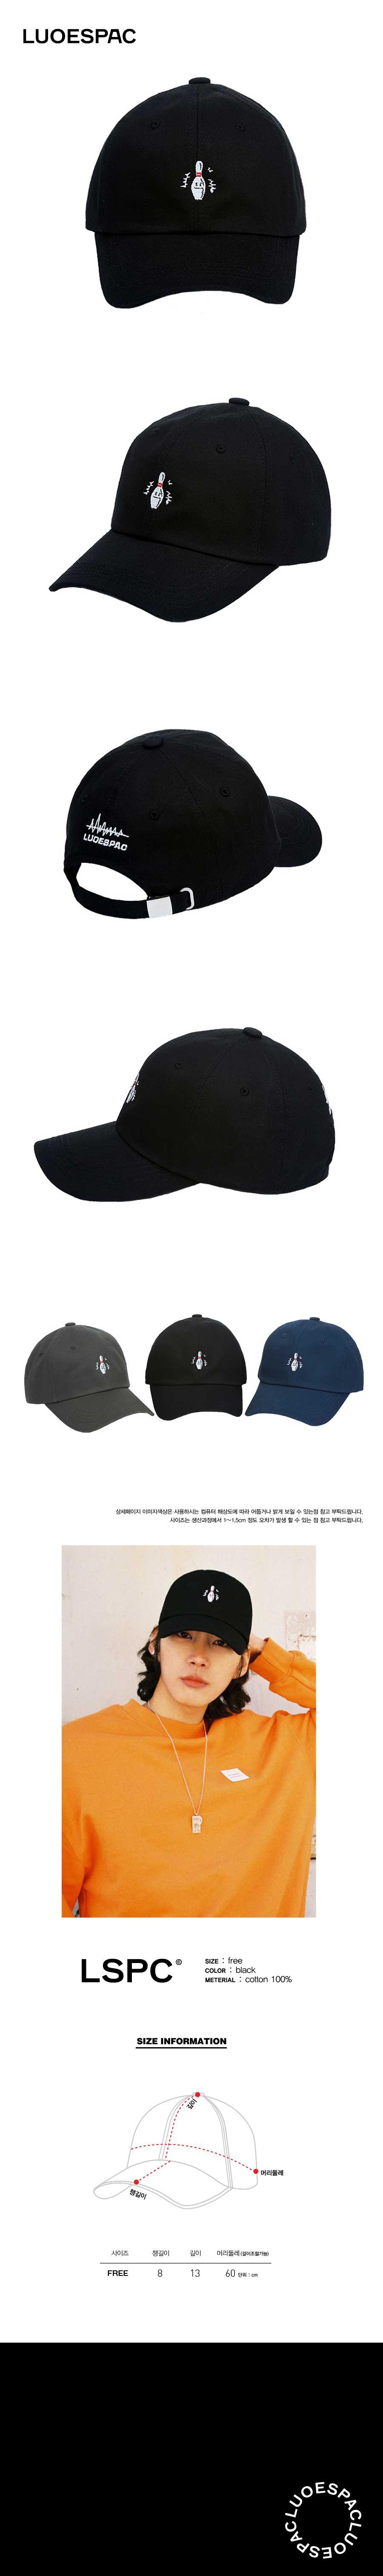 루오에스팩(LUOESPAC) Bowling pin cap (black)